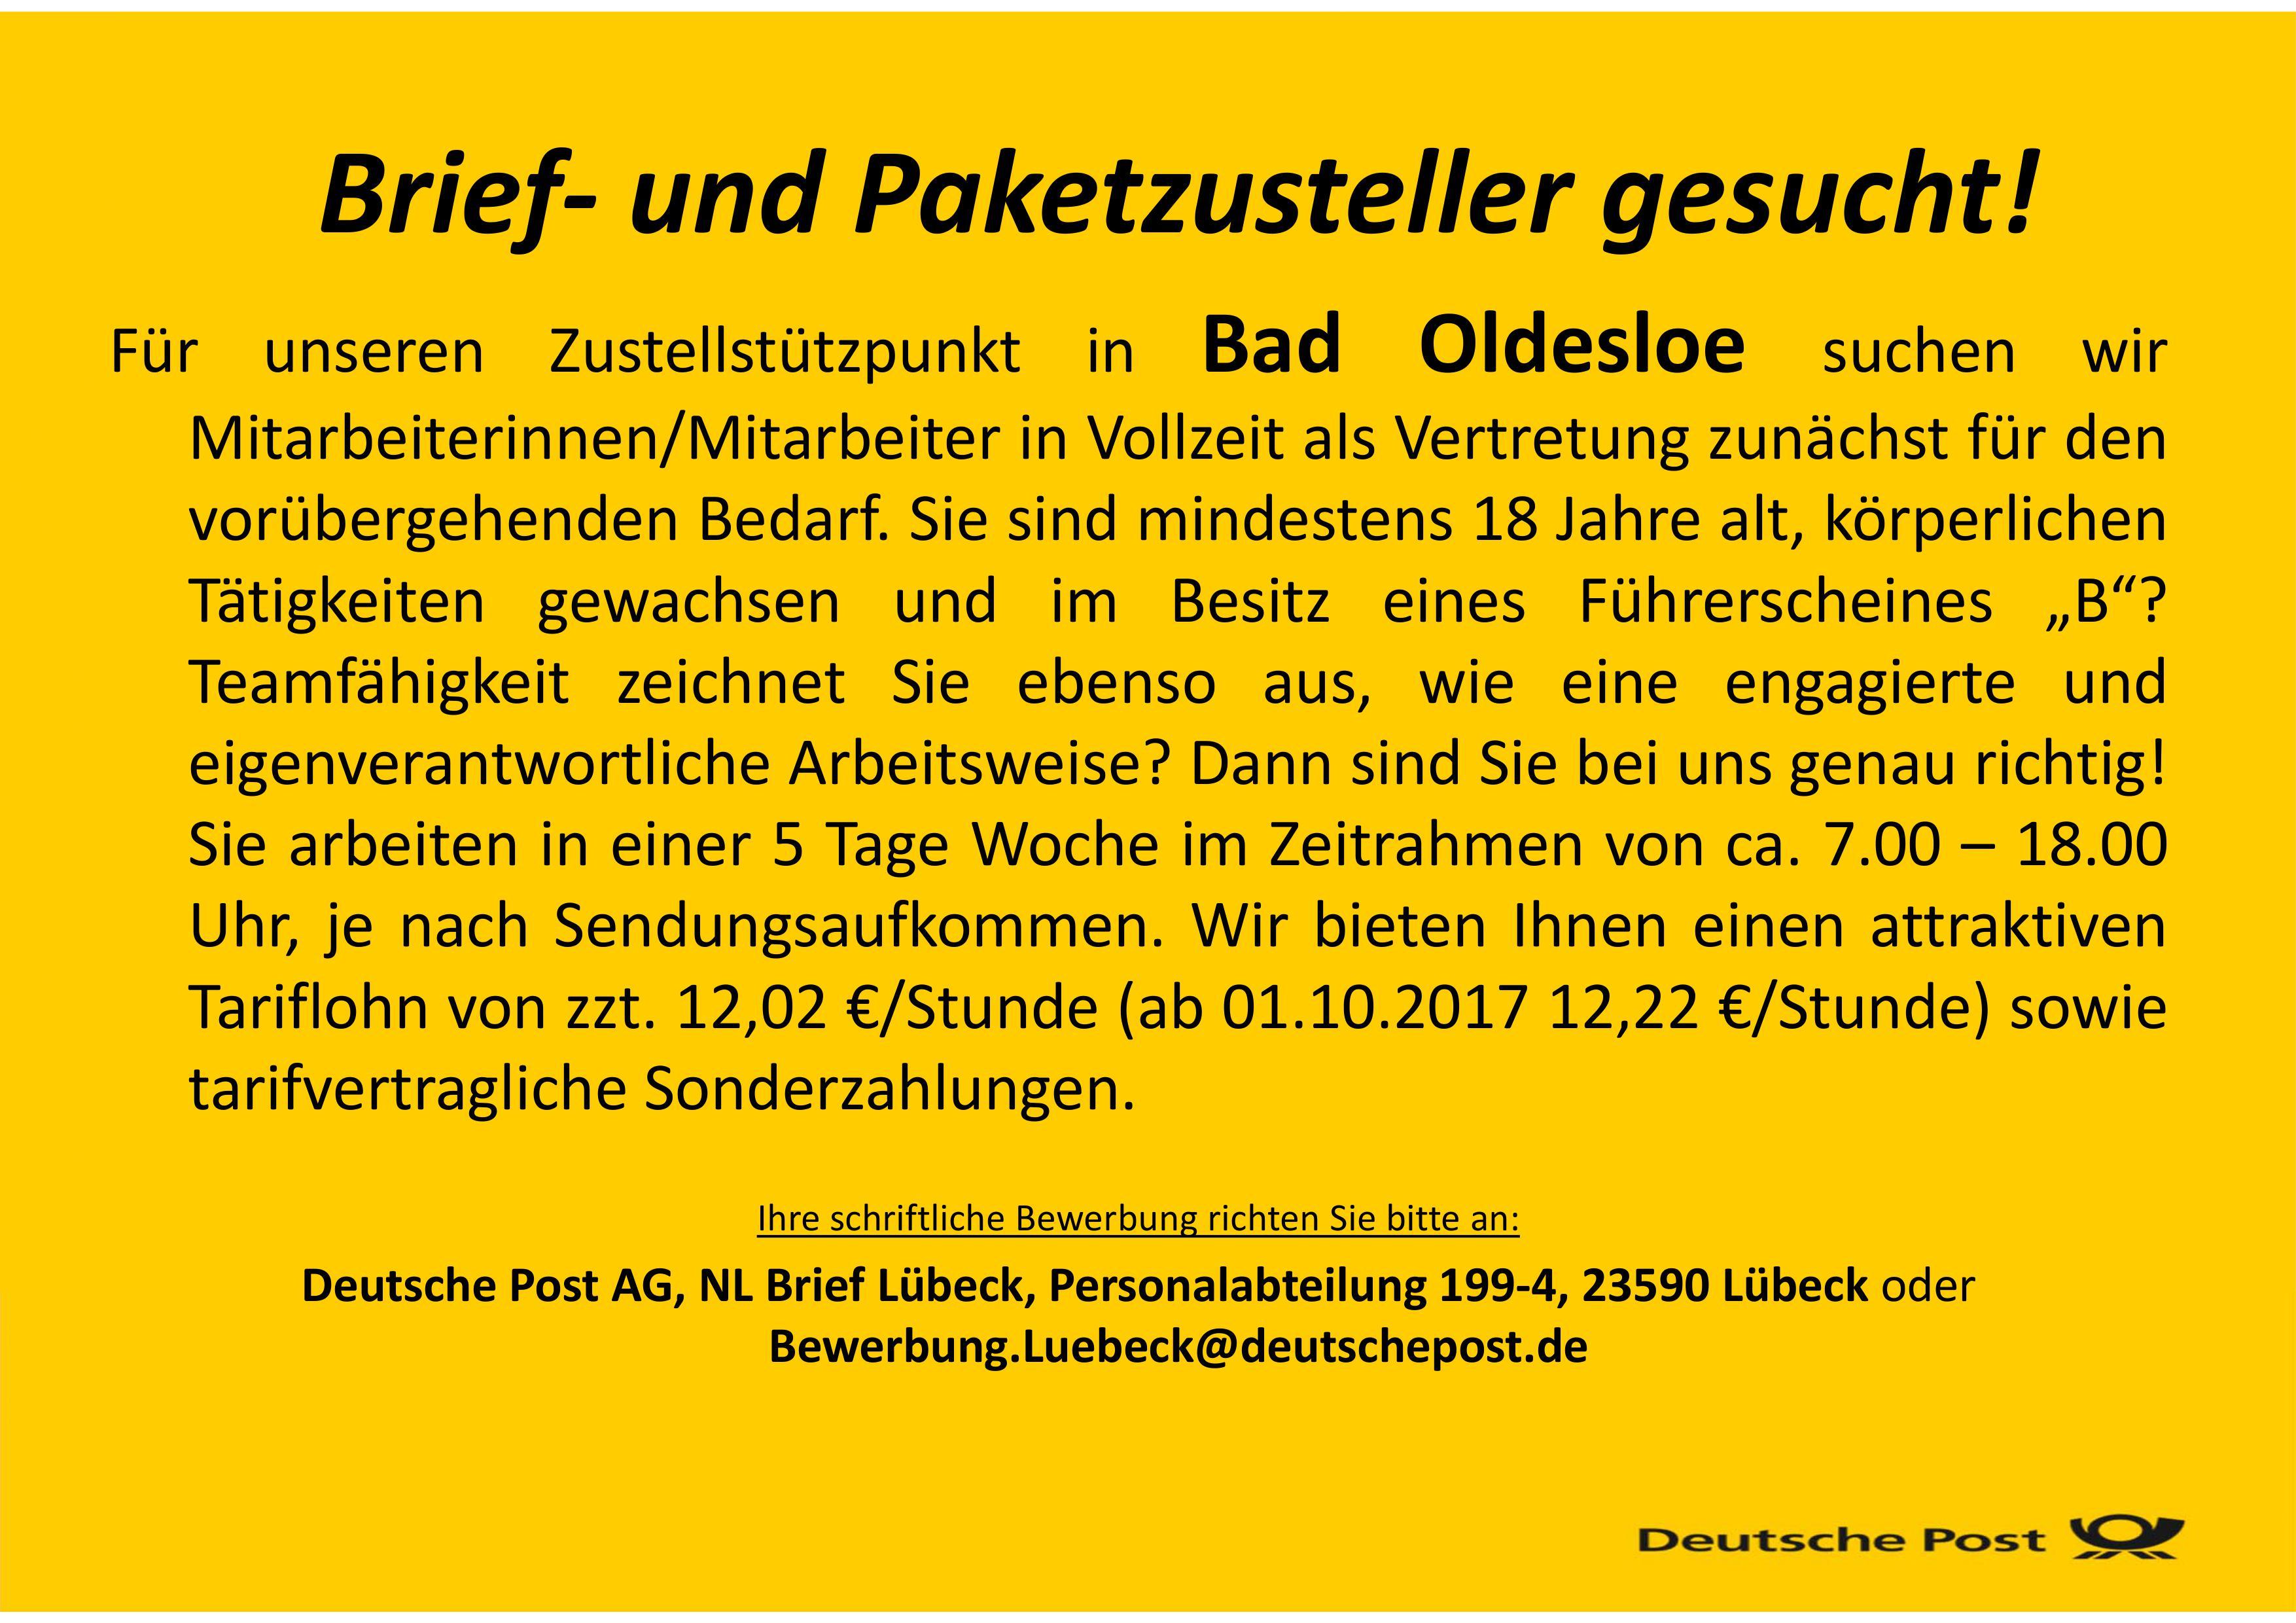 Deutsche Post Sucht Brief Und Paketzusteller Mw